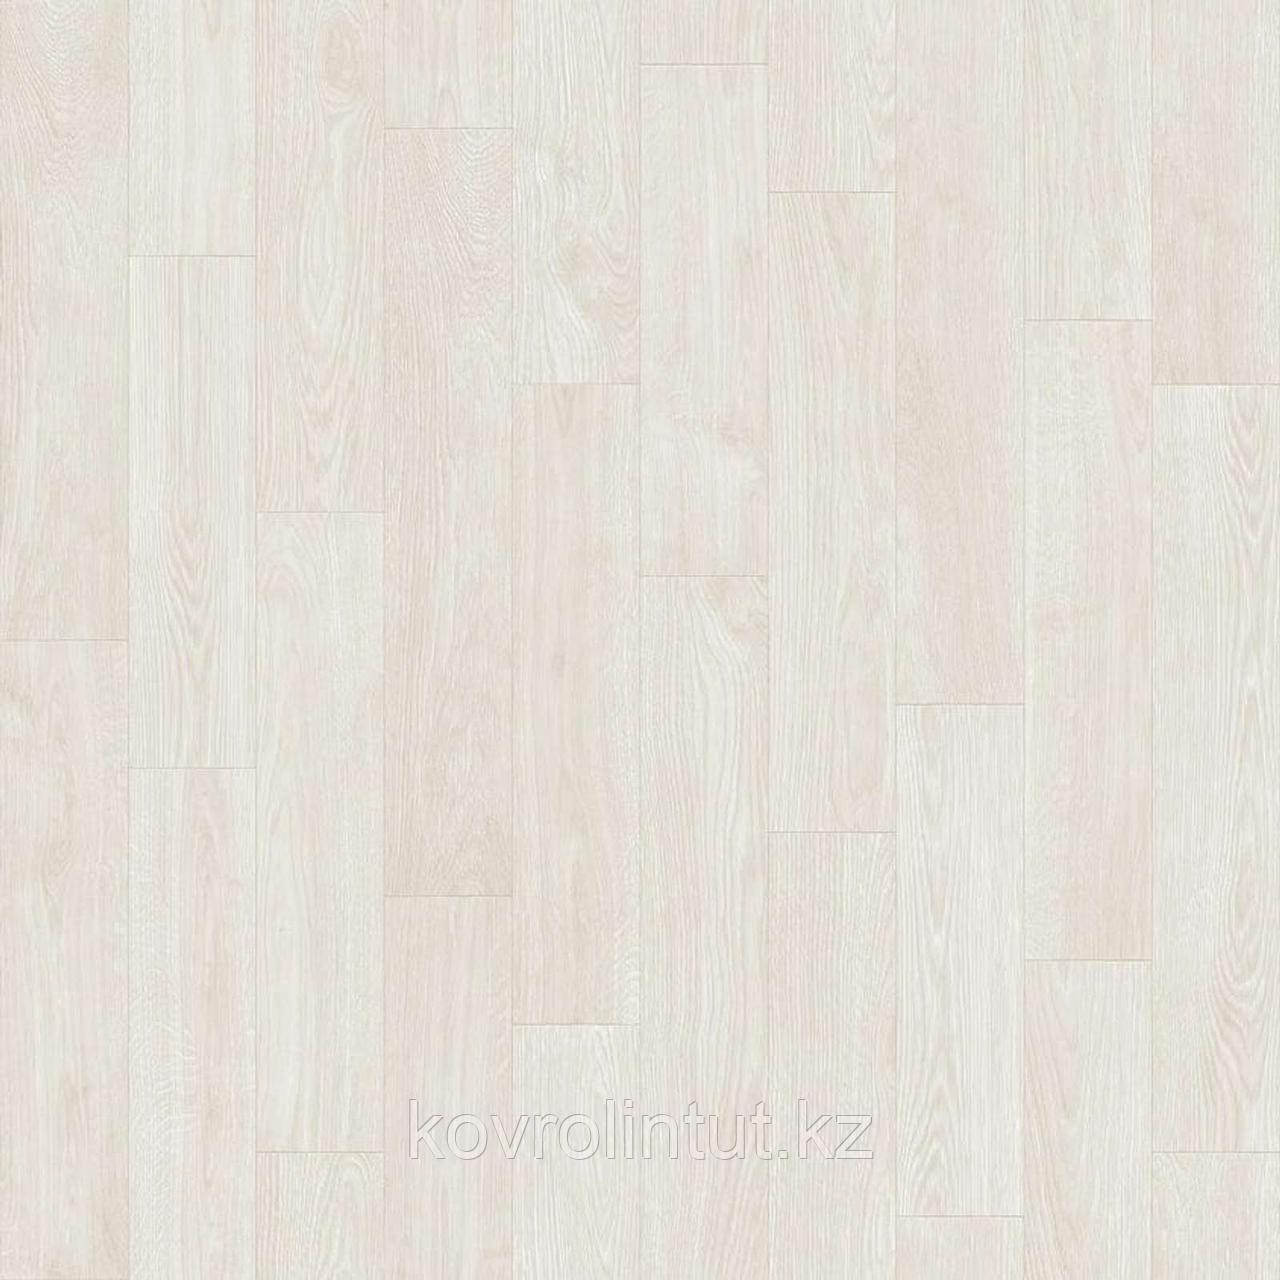 Линолеум бытовой Gladiator Gloriosa 1 2,5 м